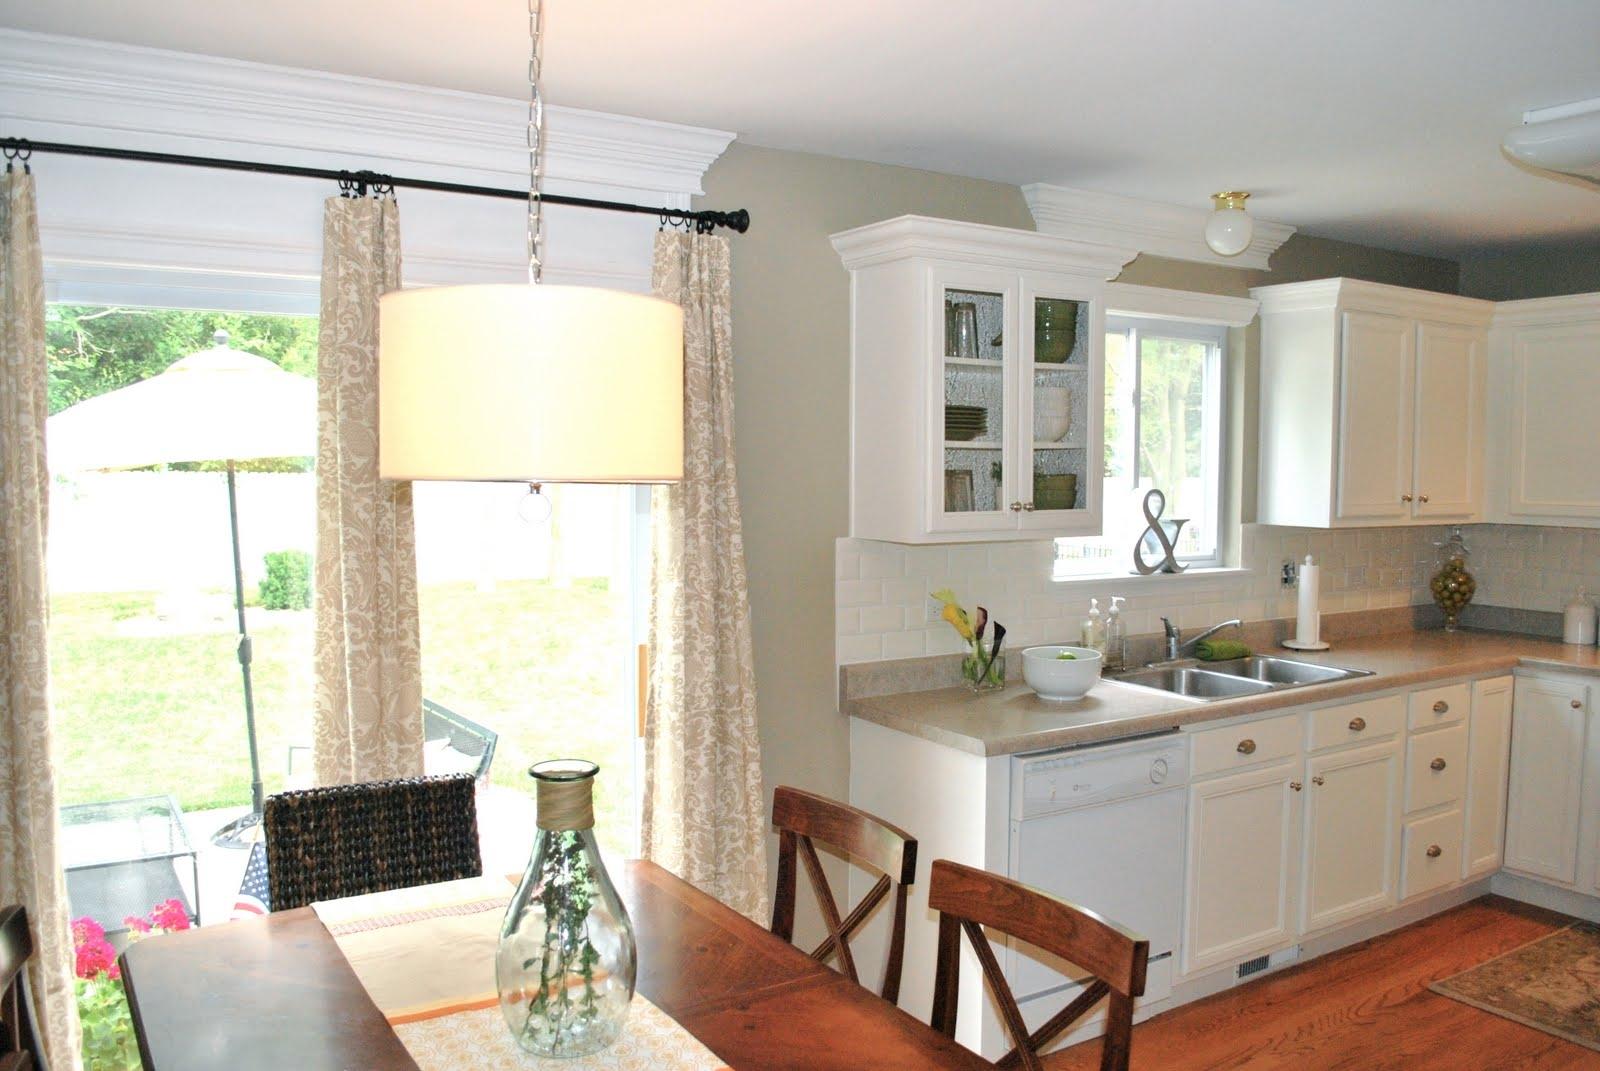 Kitchen Sliding Glass Door Curtains100 kitchen patio door curtain ideas kitchen patio door